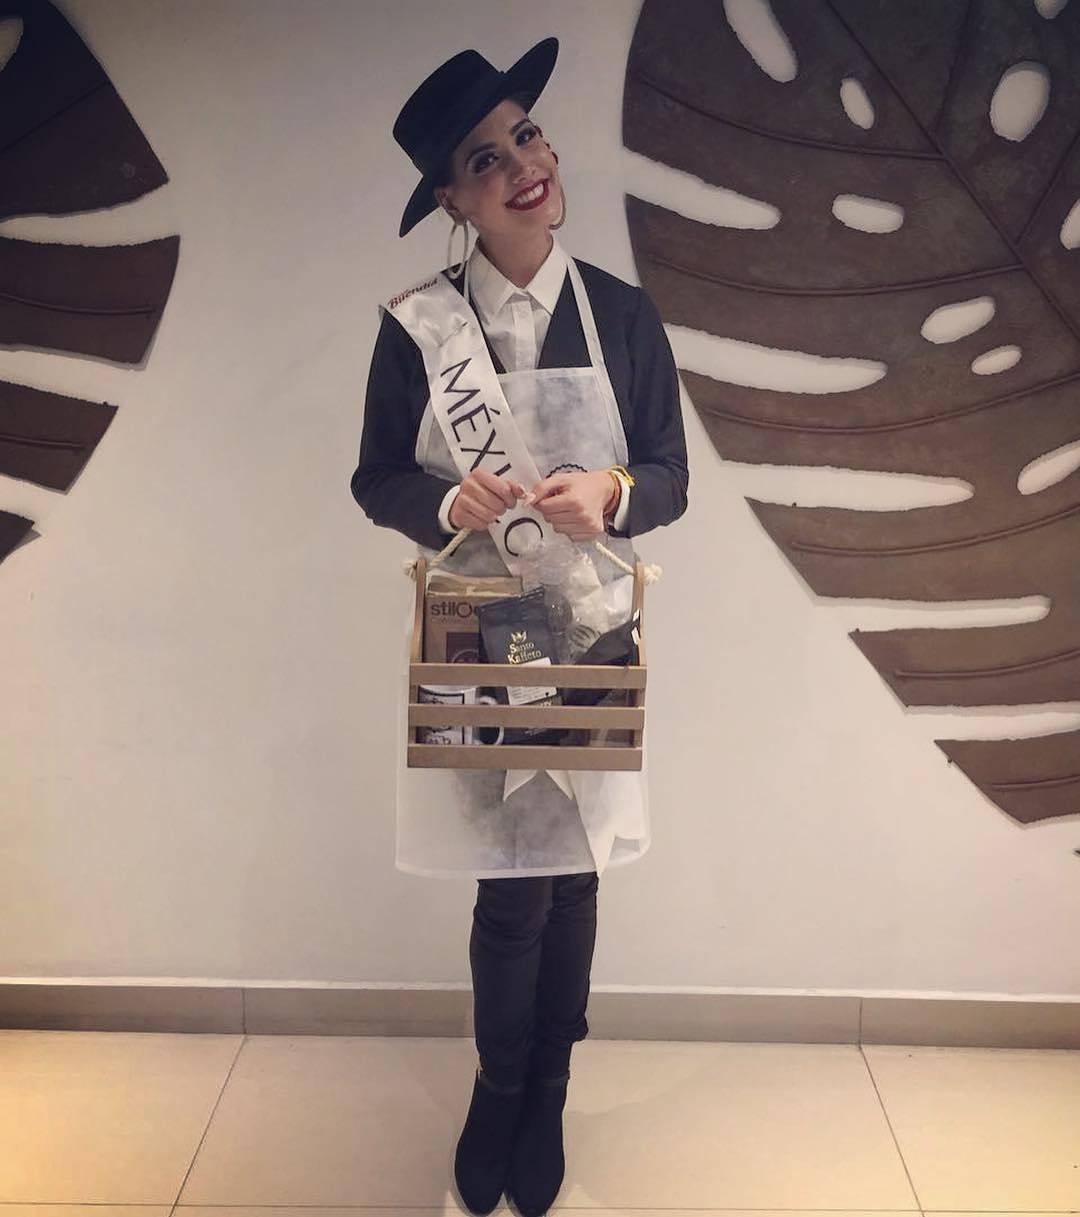 marilu acevedo, miss veracruz 219/miss reinado internacional cafe 2017. - Página 2 Pzasidry